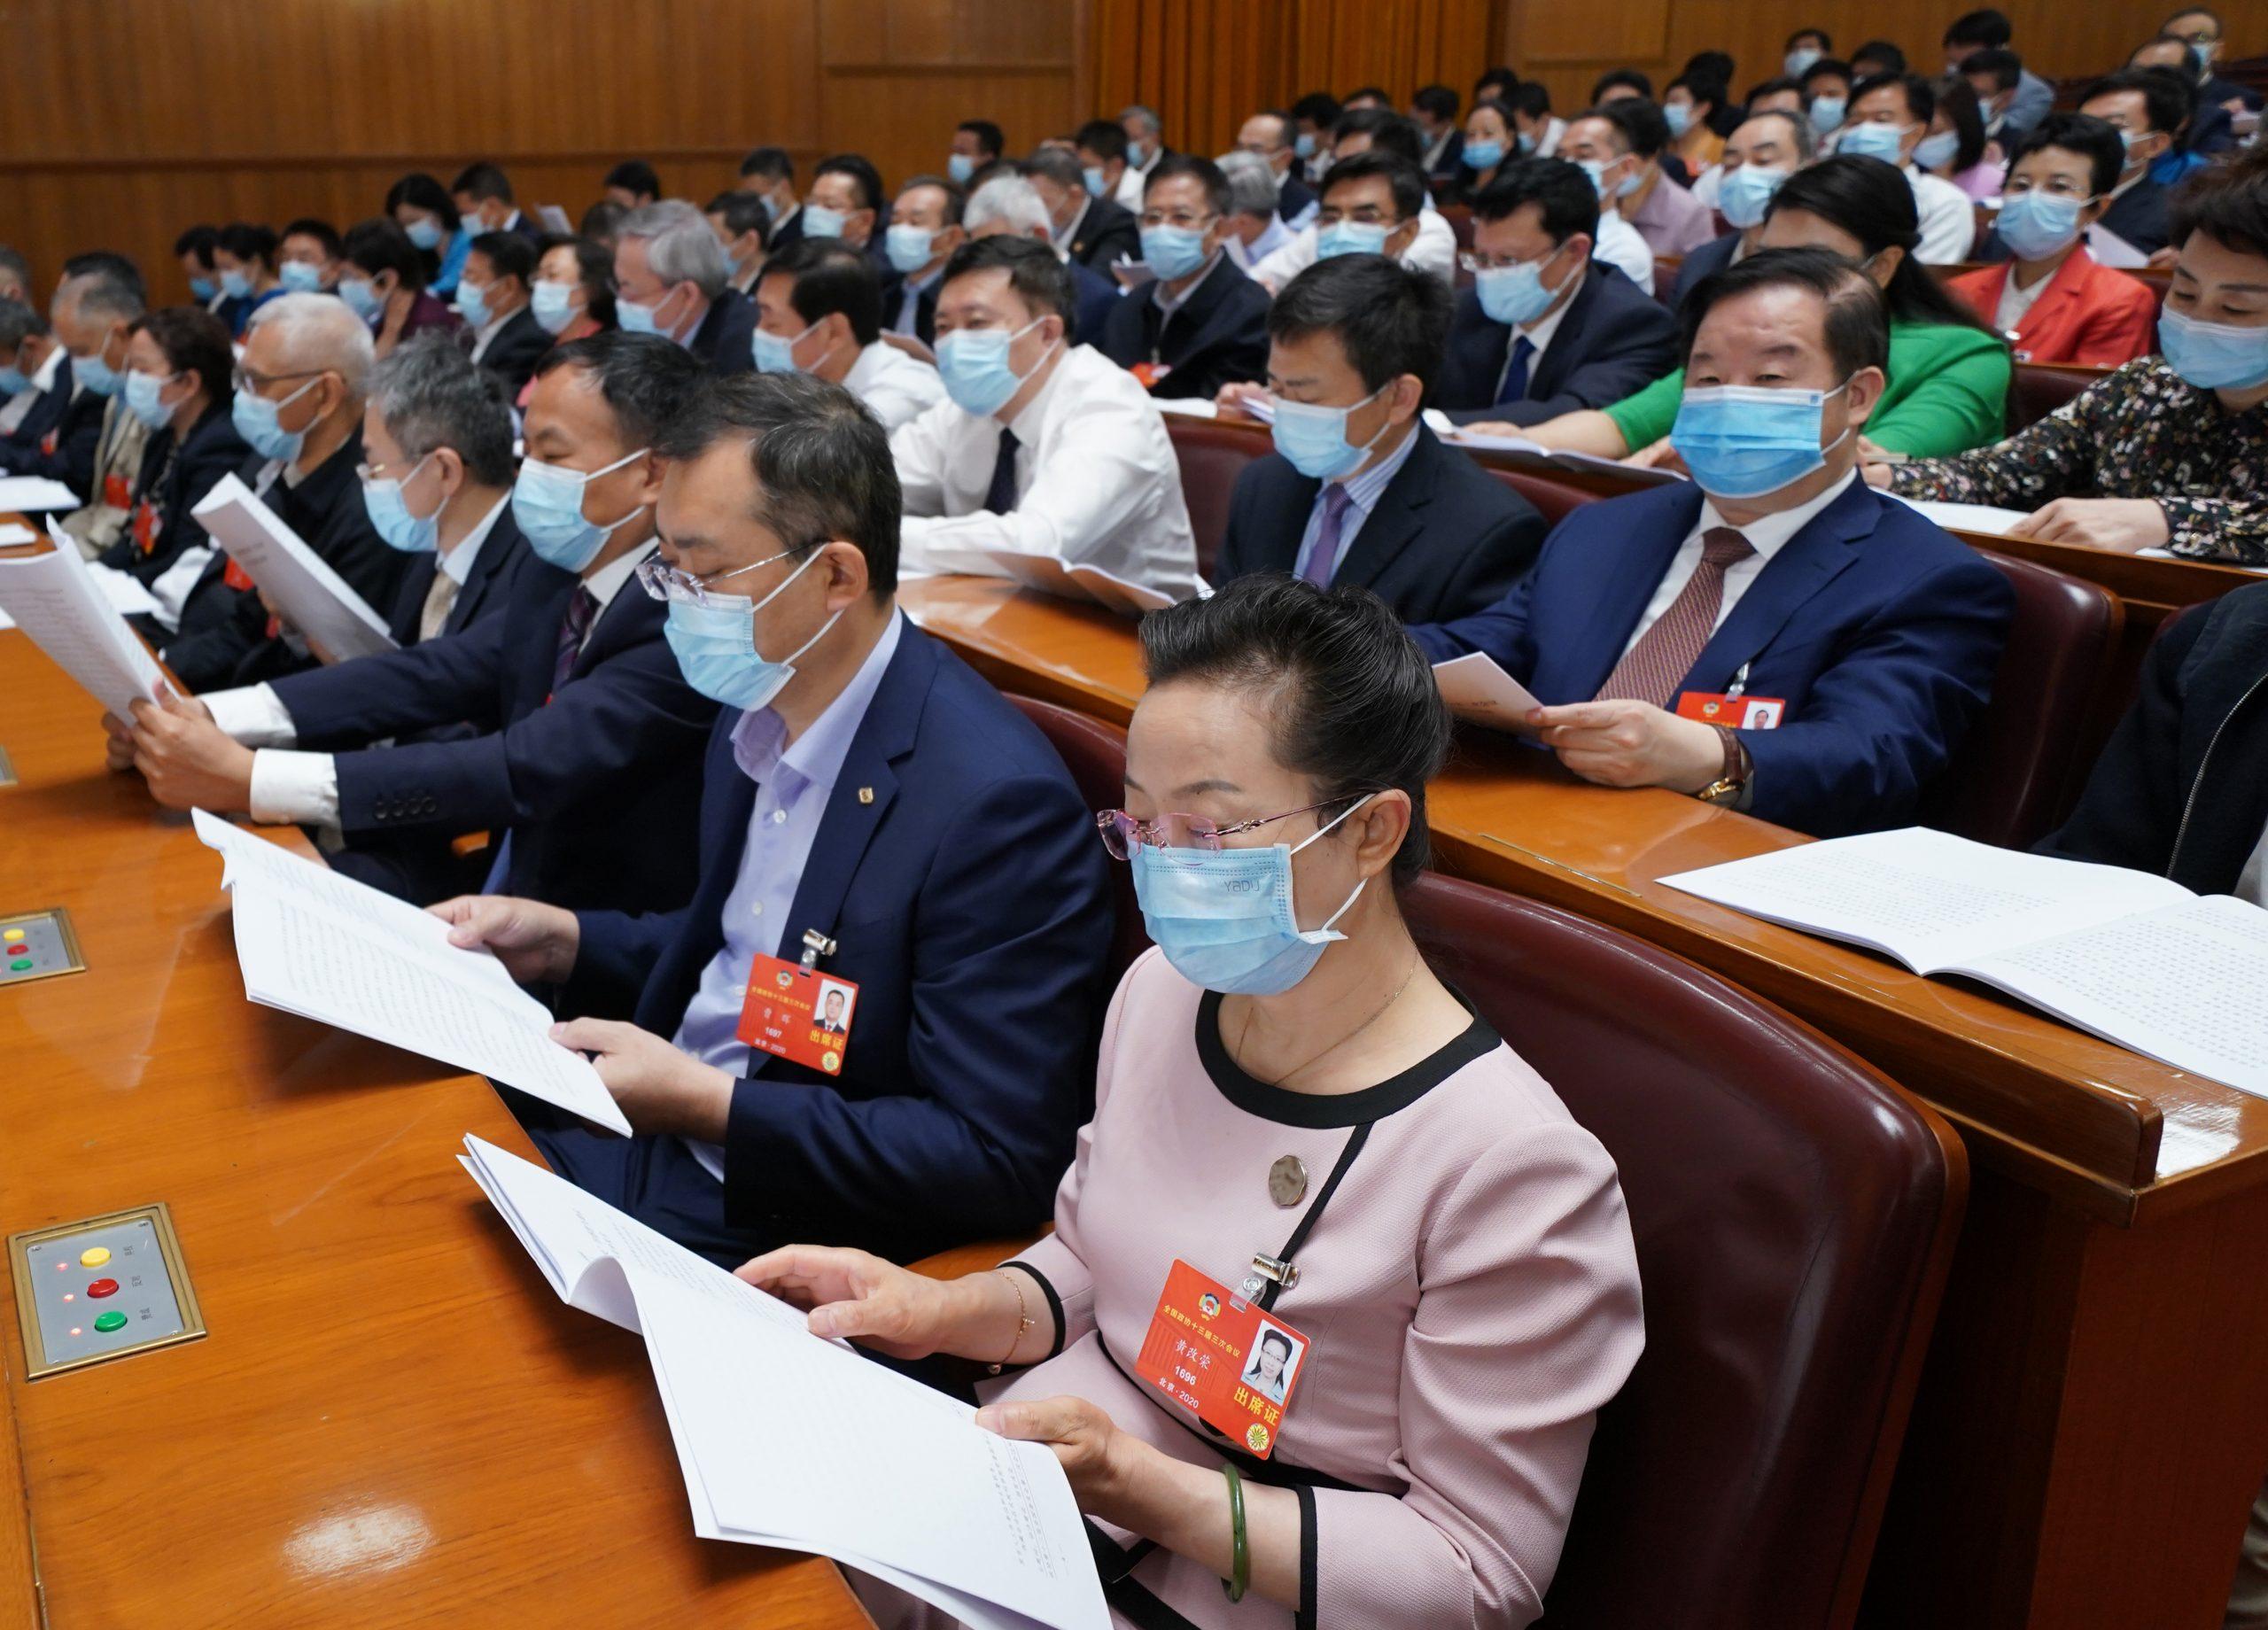 Servicio civil de China abrirá 25.700 vacantes en reclutamiento anual